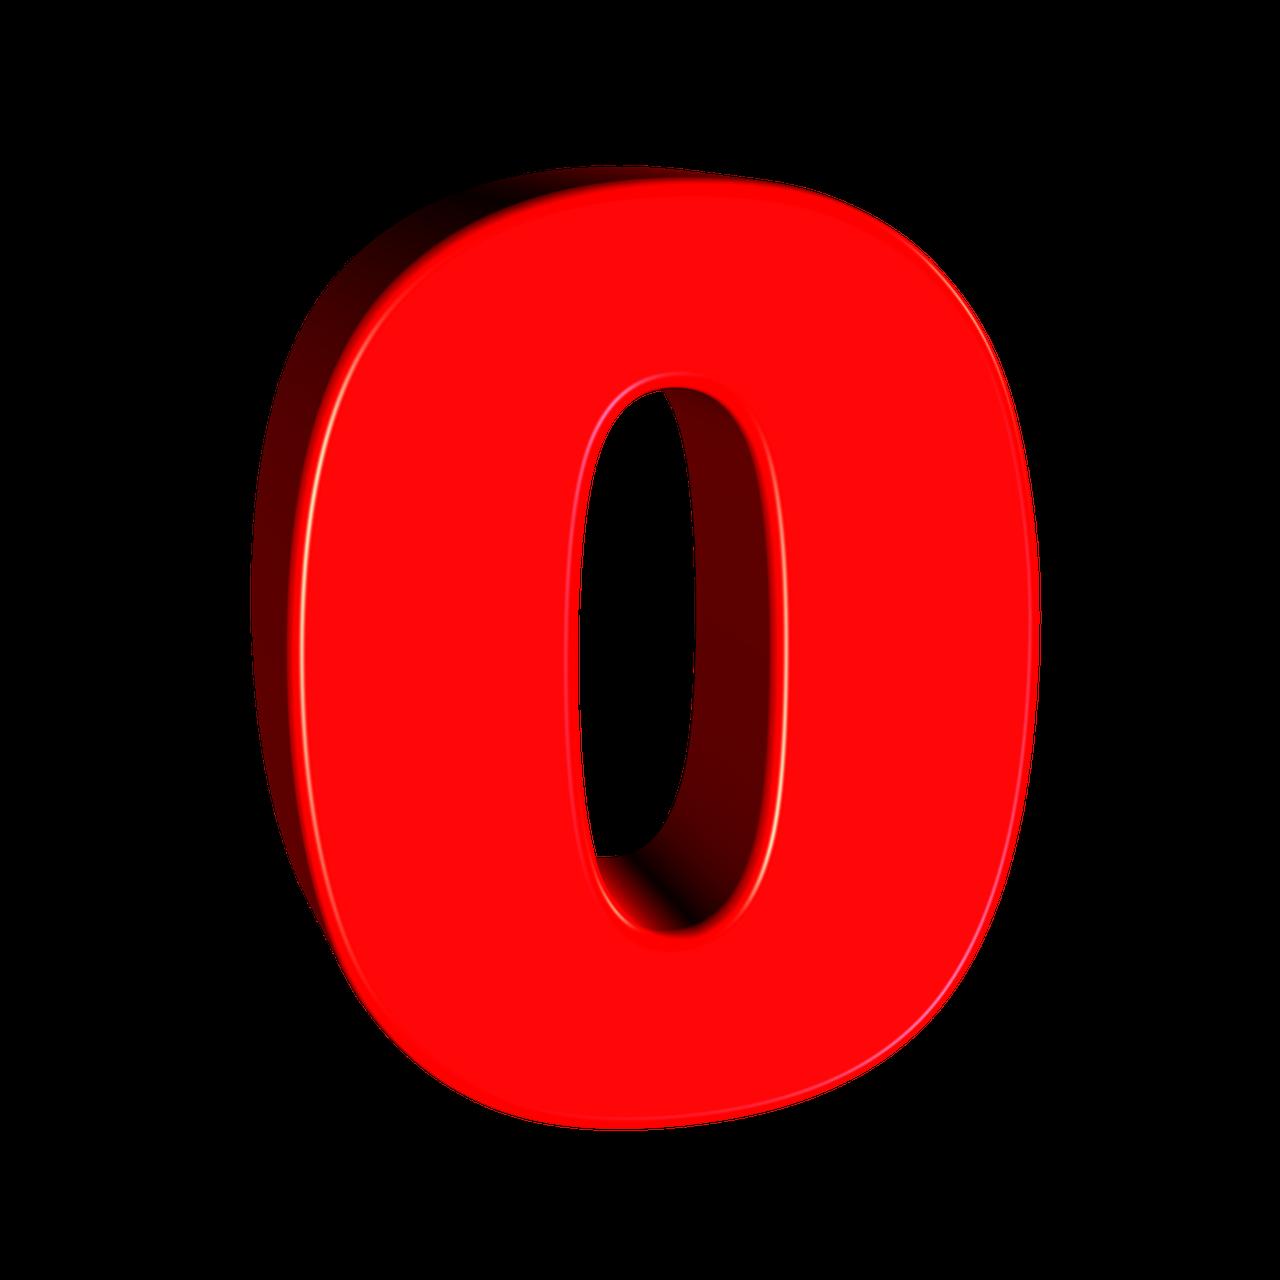 Null Zahl 0 Kostenloses Bild Auf Pixabay